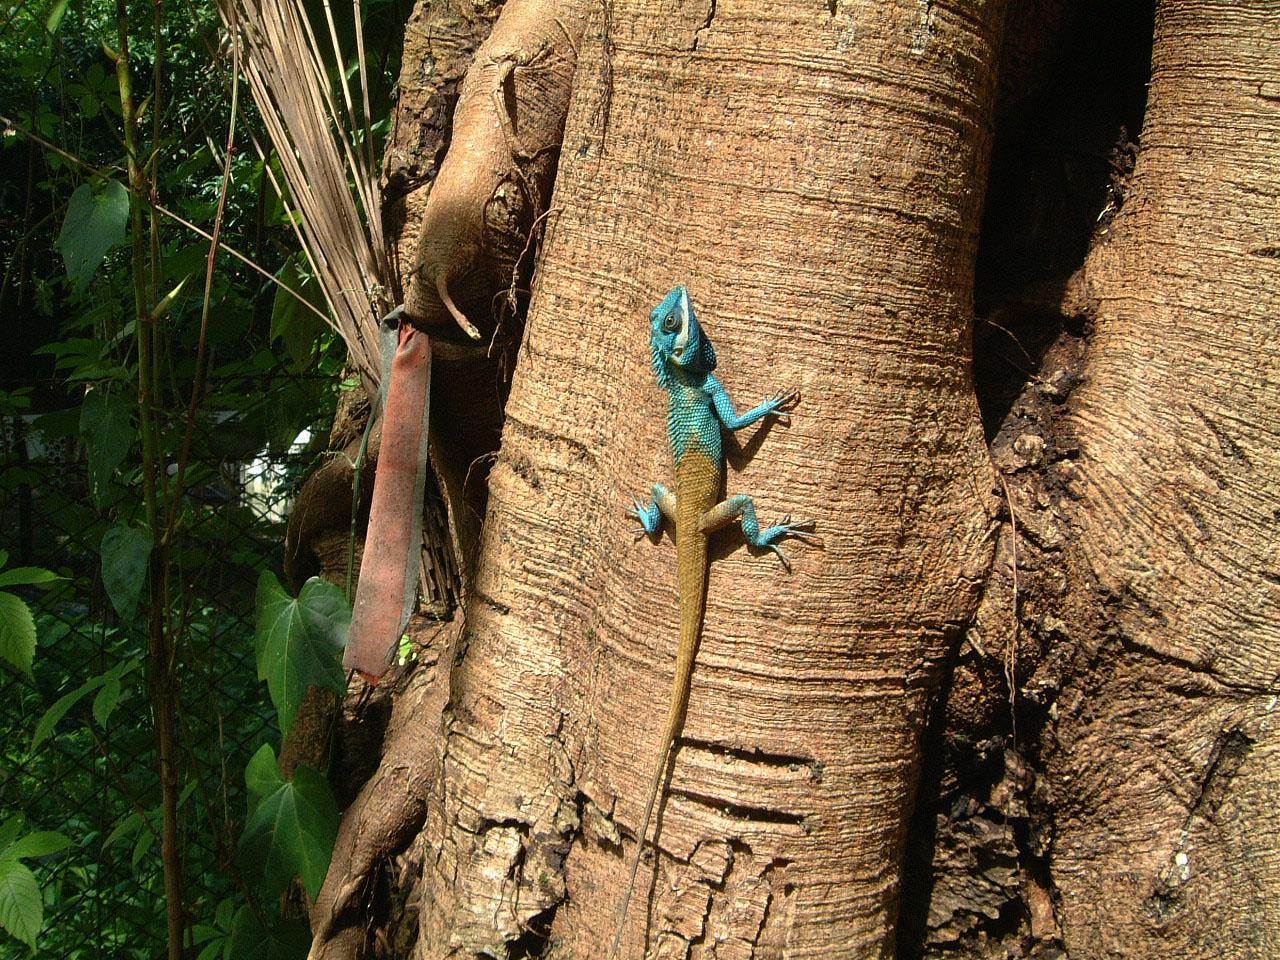 Lizard Myanmar Hmawbi 01